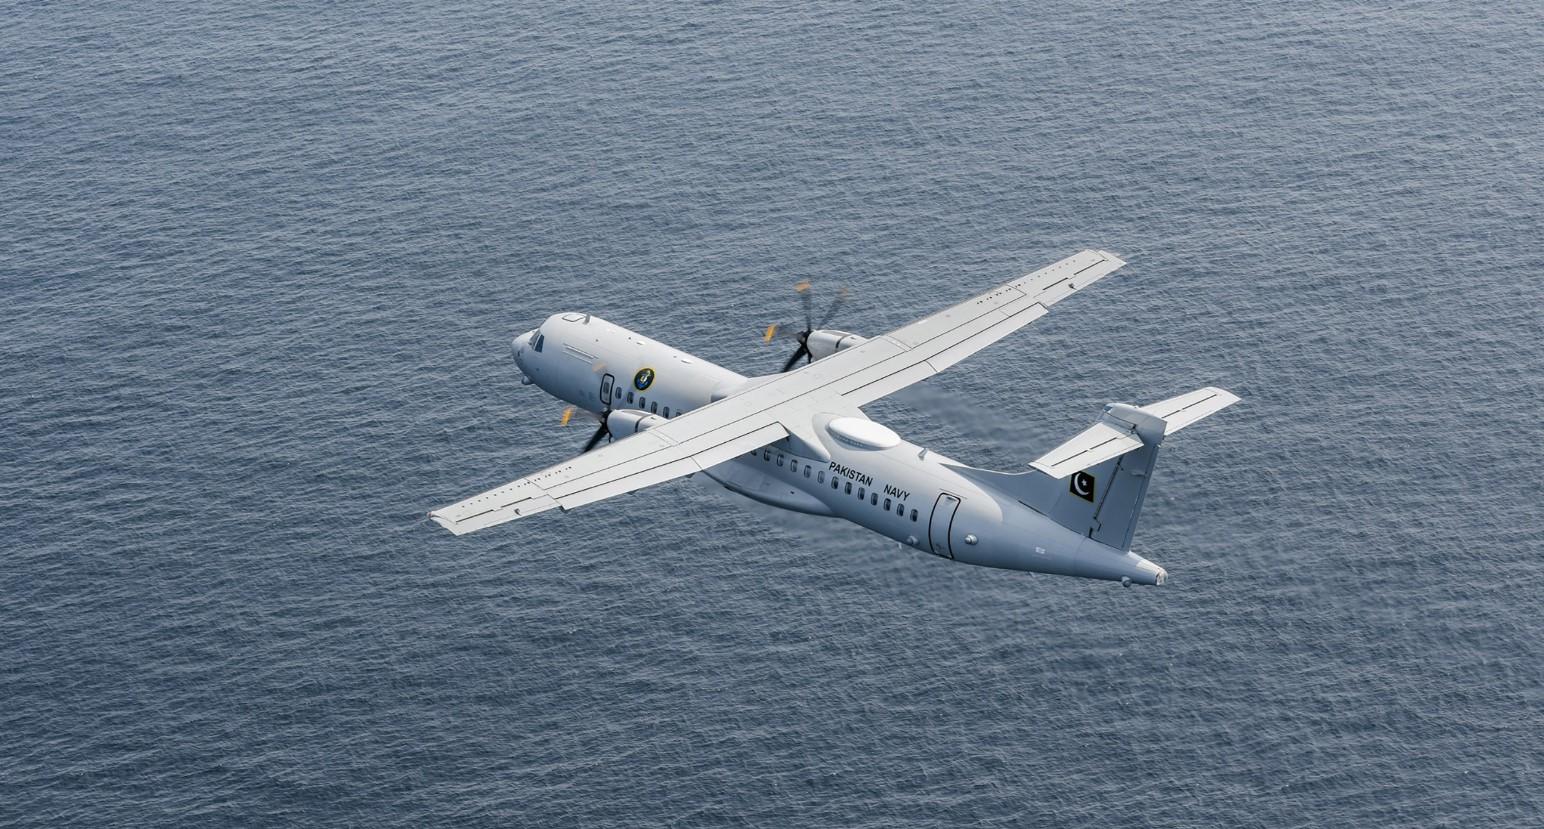 Pakistan/Germany – RAS-72 Sea Eagle MPA